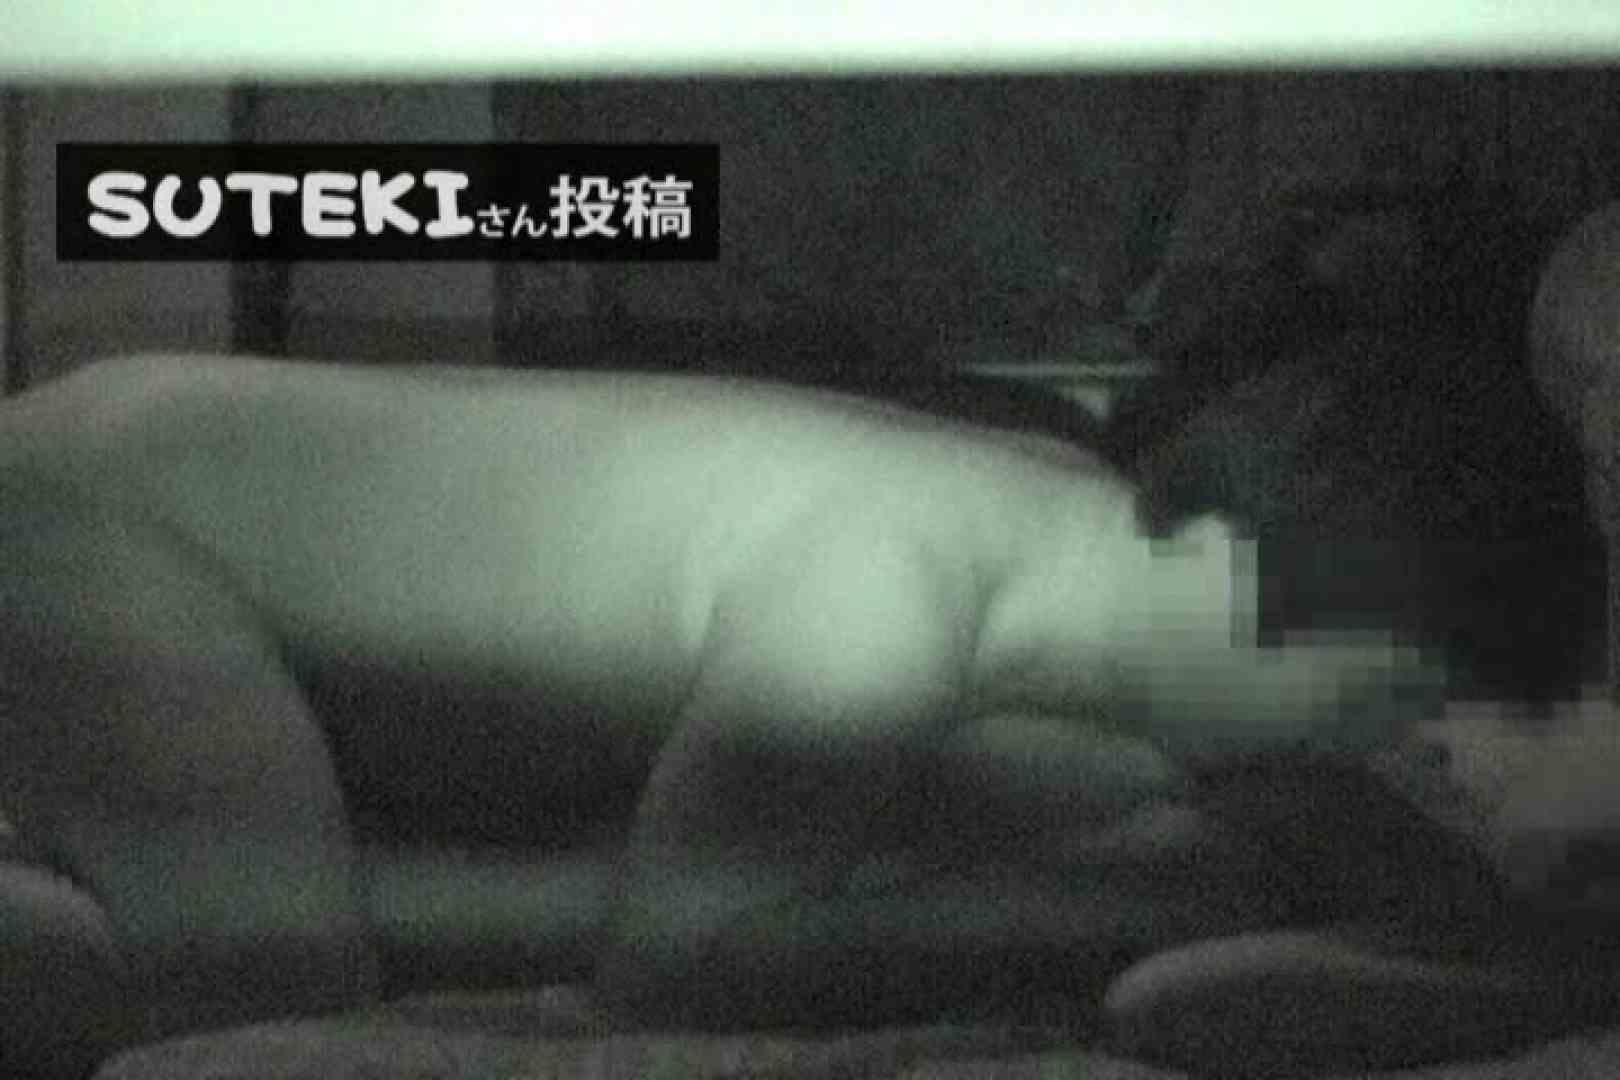 SUTEKIさん投稿 ナイトショット 投稿物 戯れ無修正画像 93連発 12